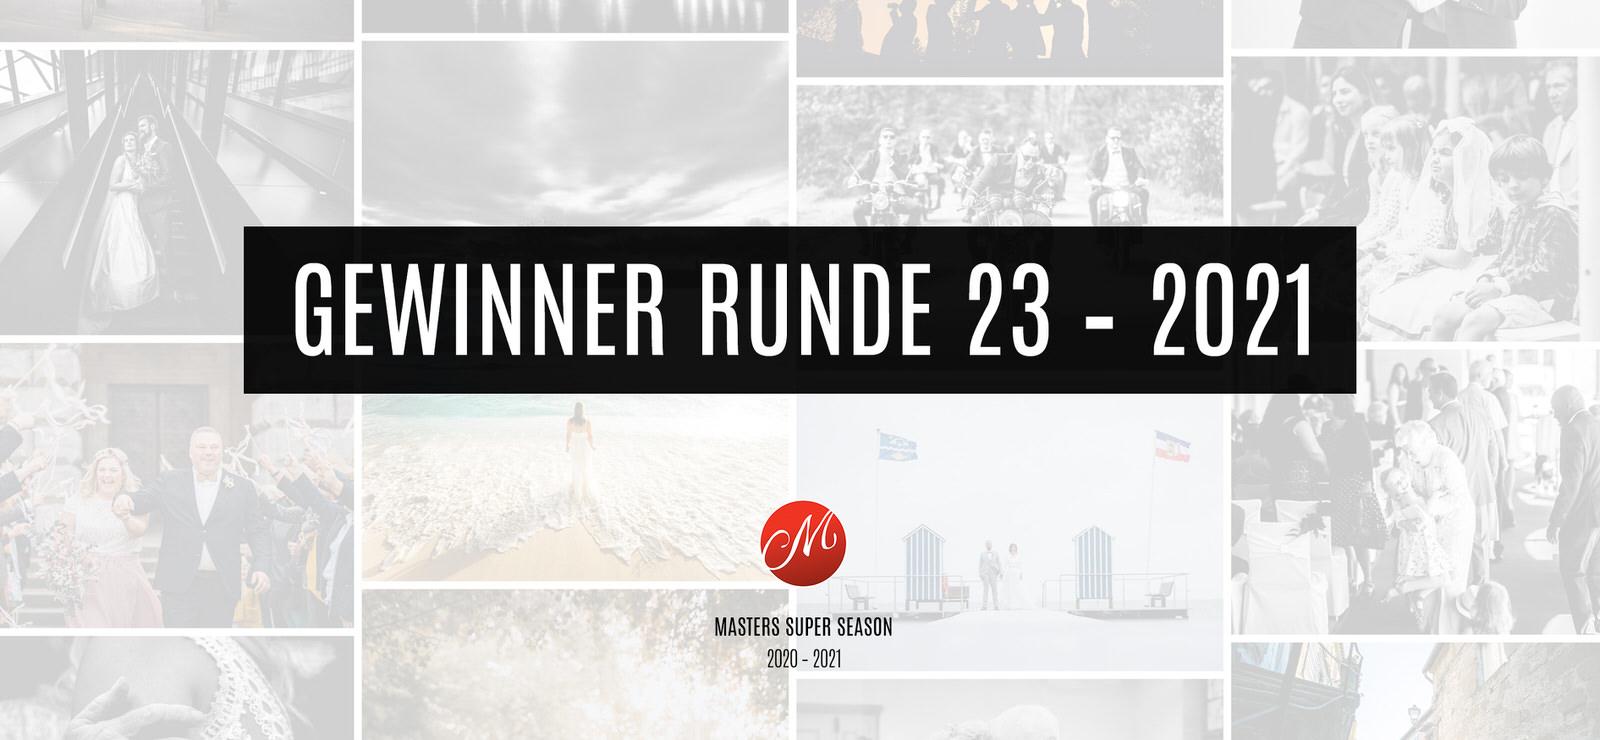 Gewinner Runde 23 – 2021